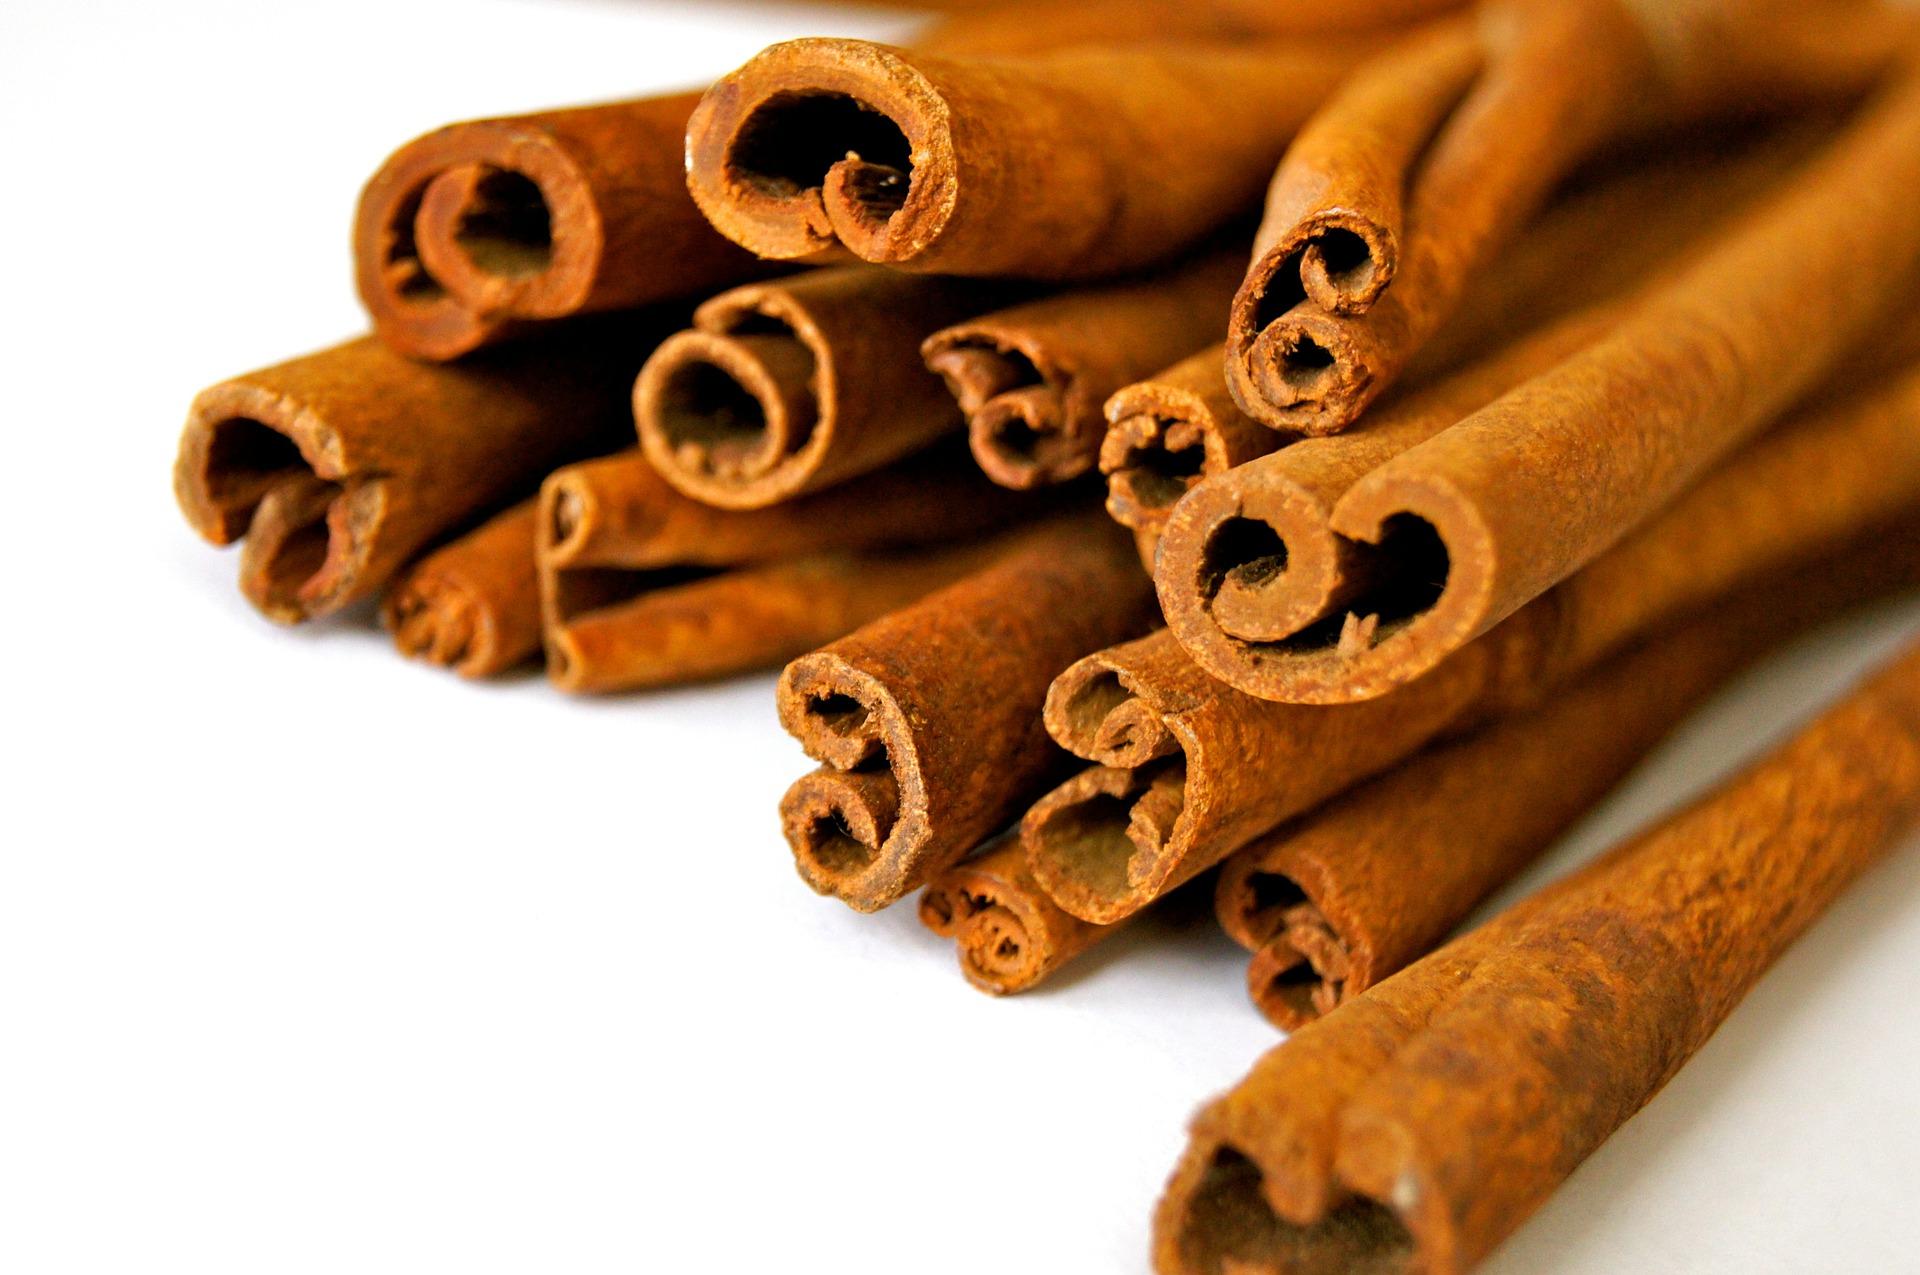 cinnamon-92594_1920.jpg